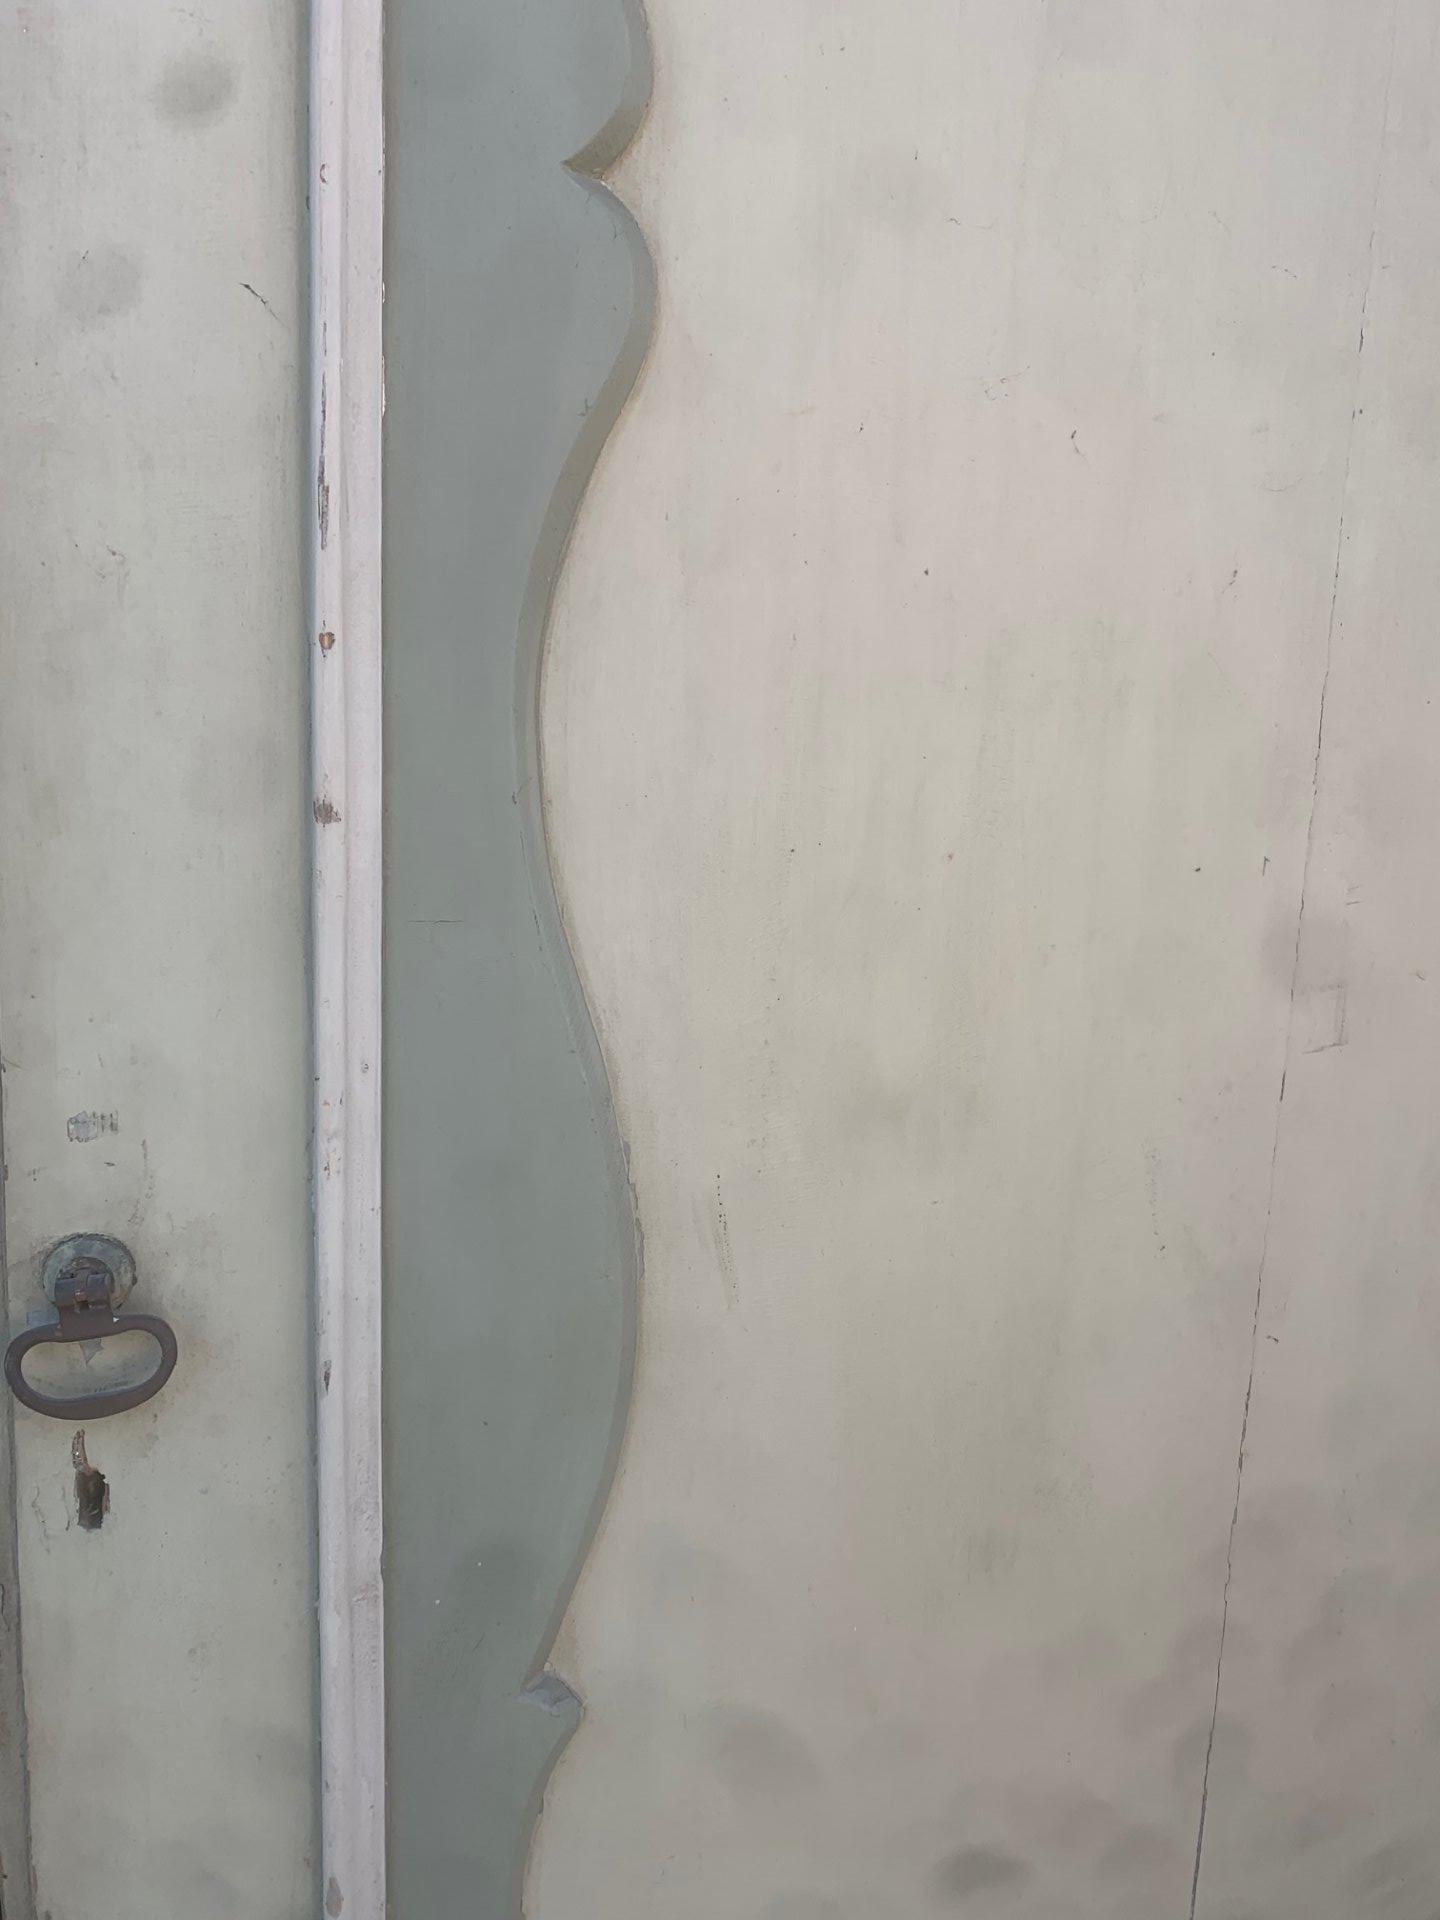 thumb2|porta ad un battente